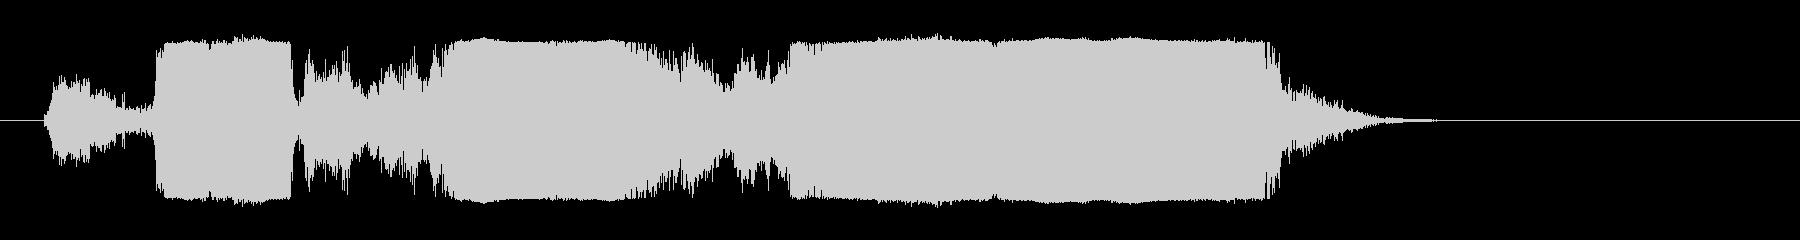 オートバイモトクロス; 250 C...の未再生の波形